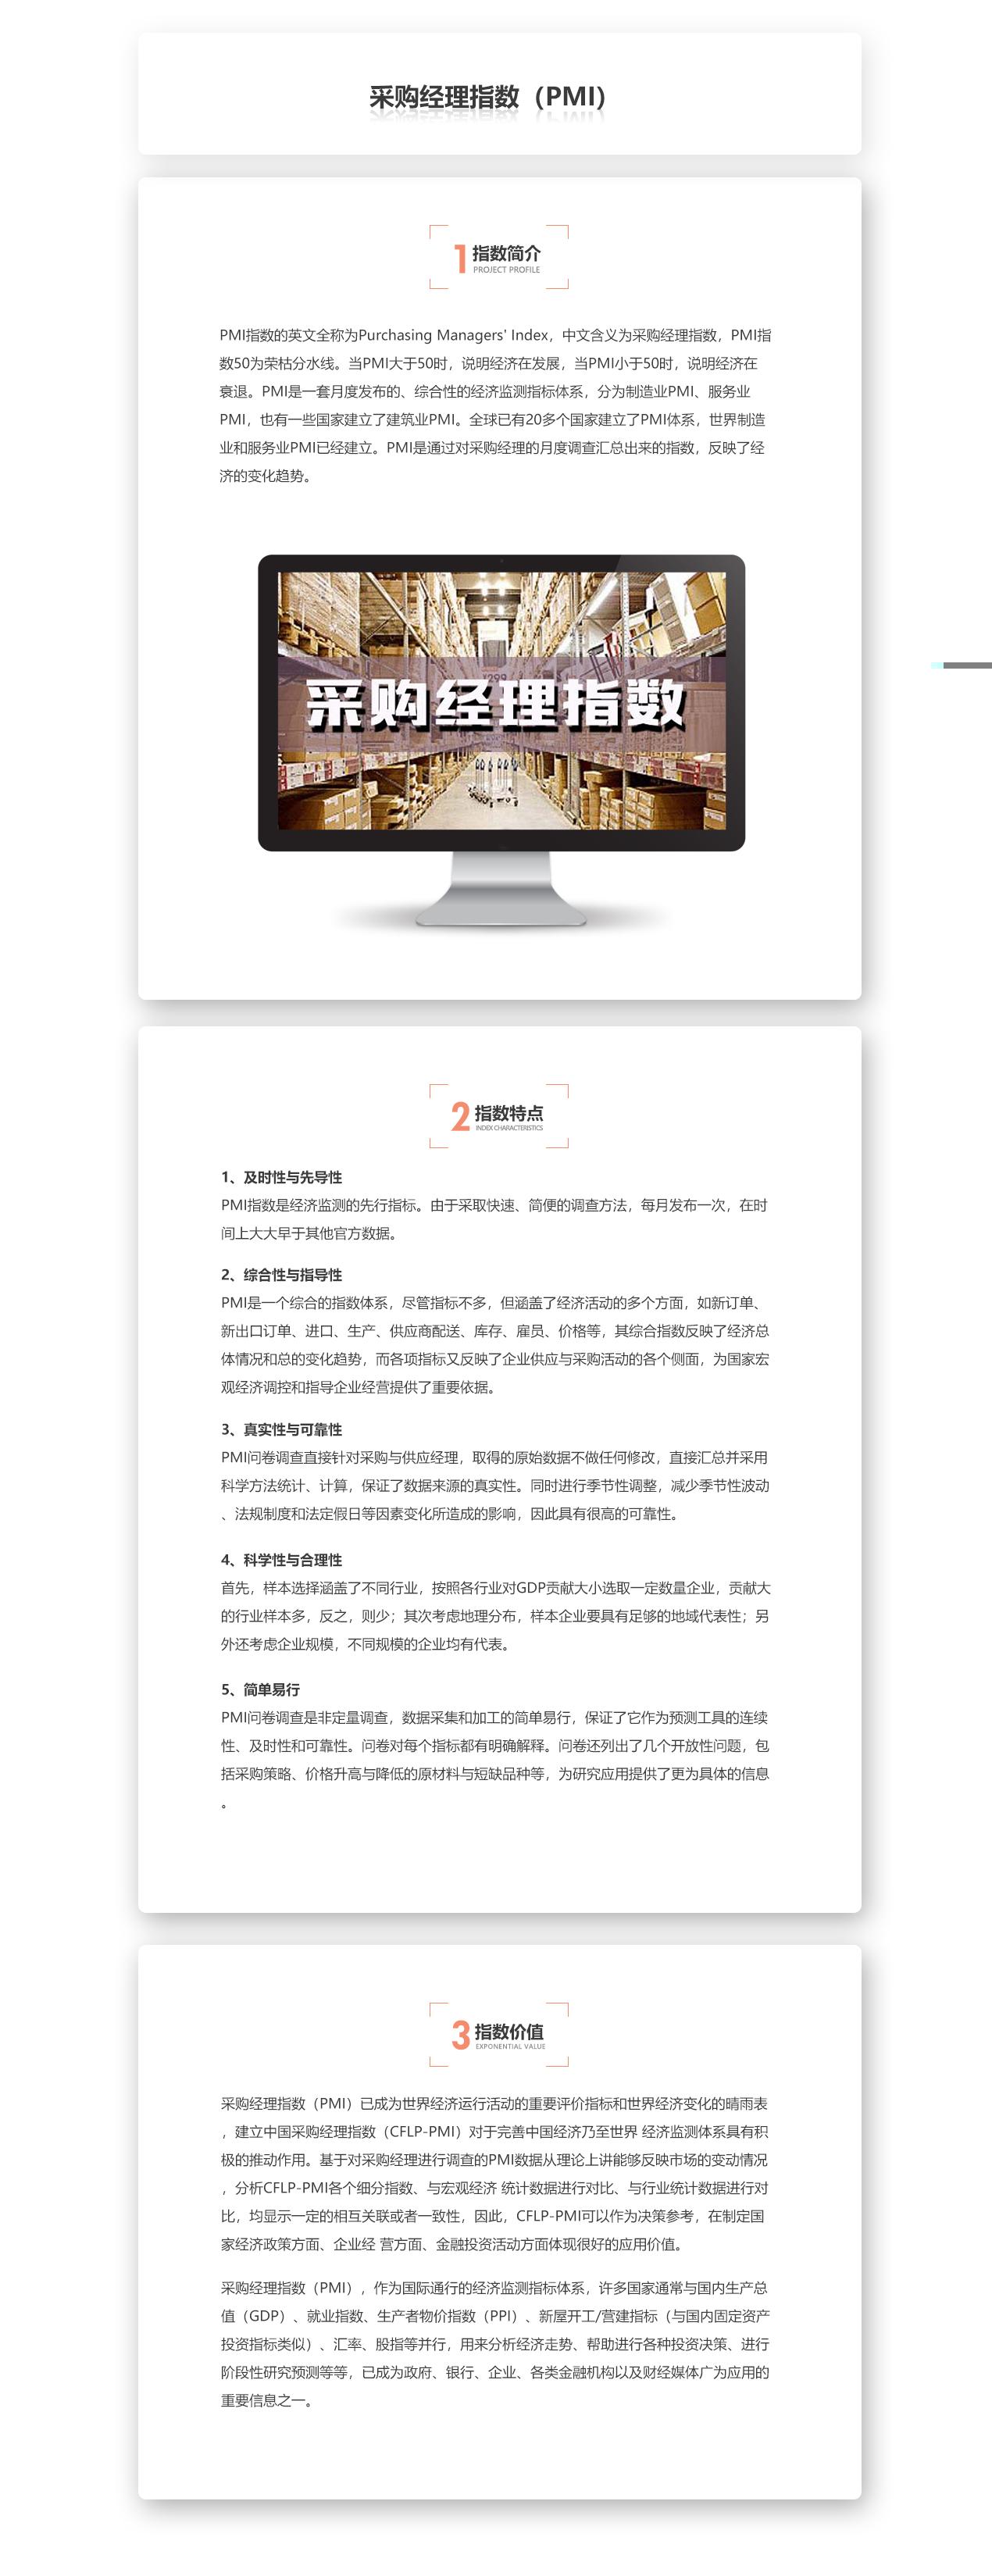 采购经理指数(PMI).jpg